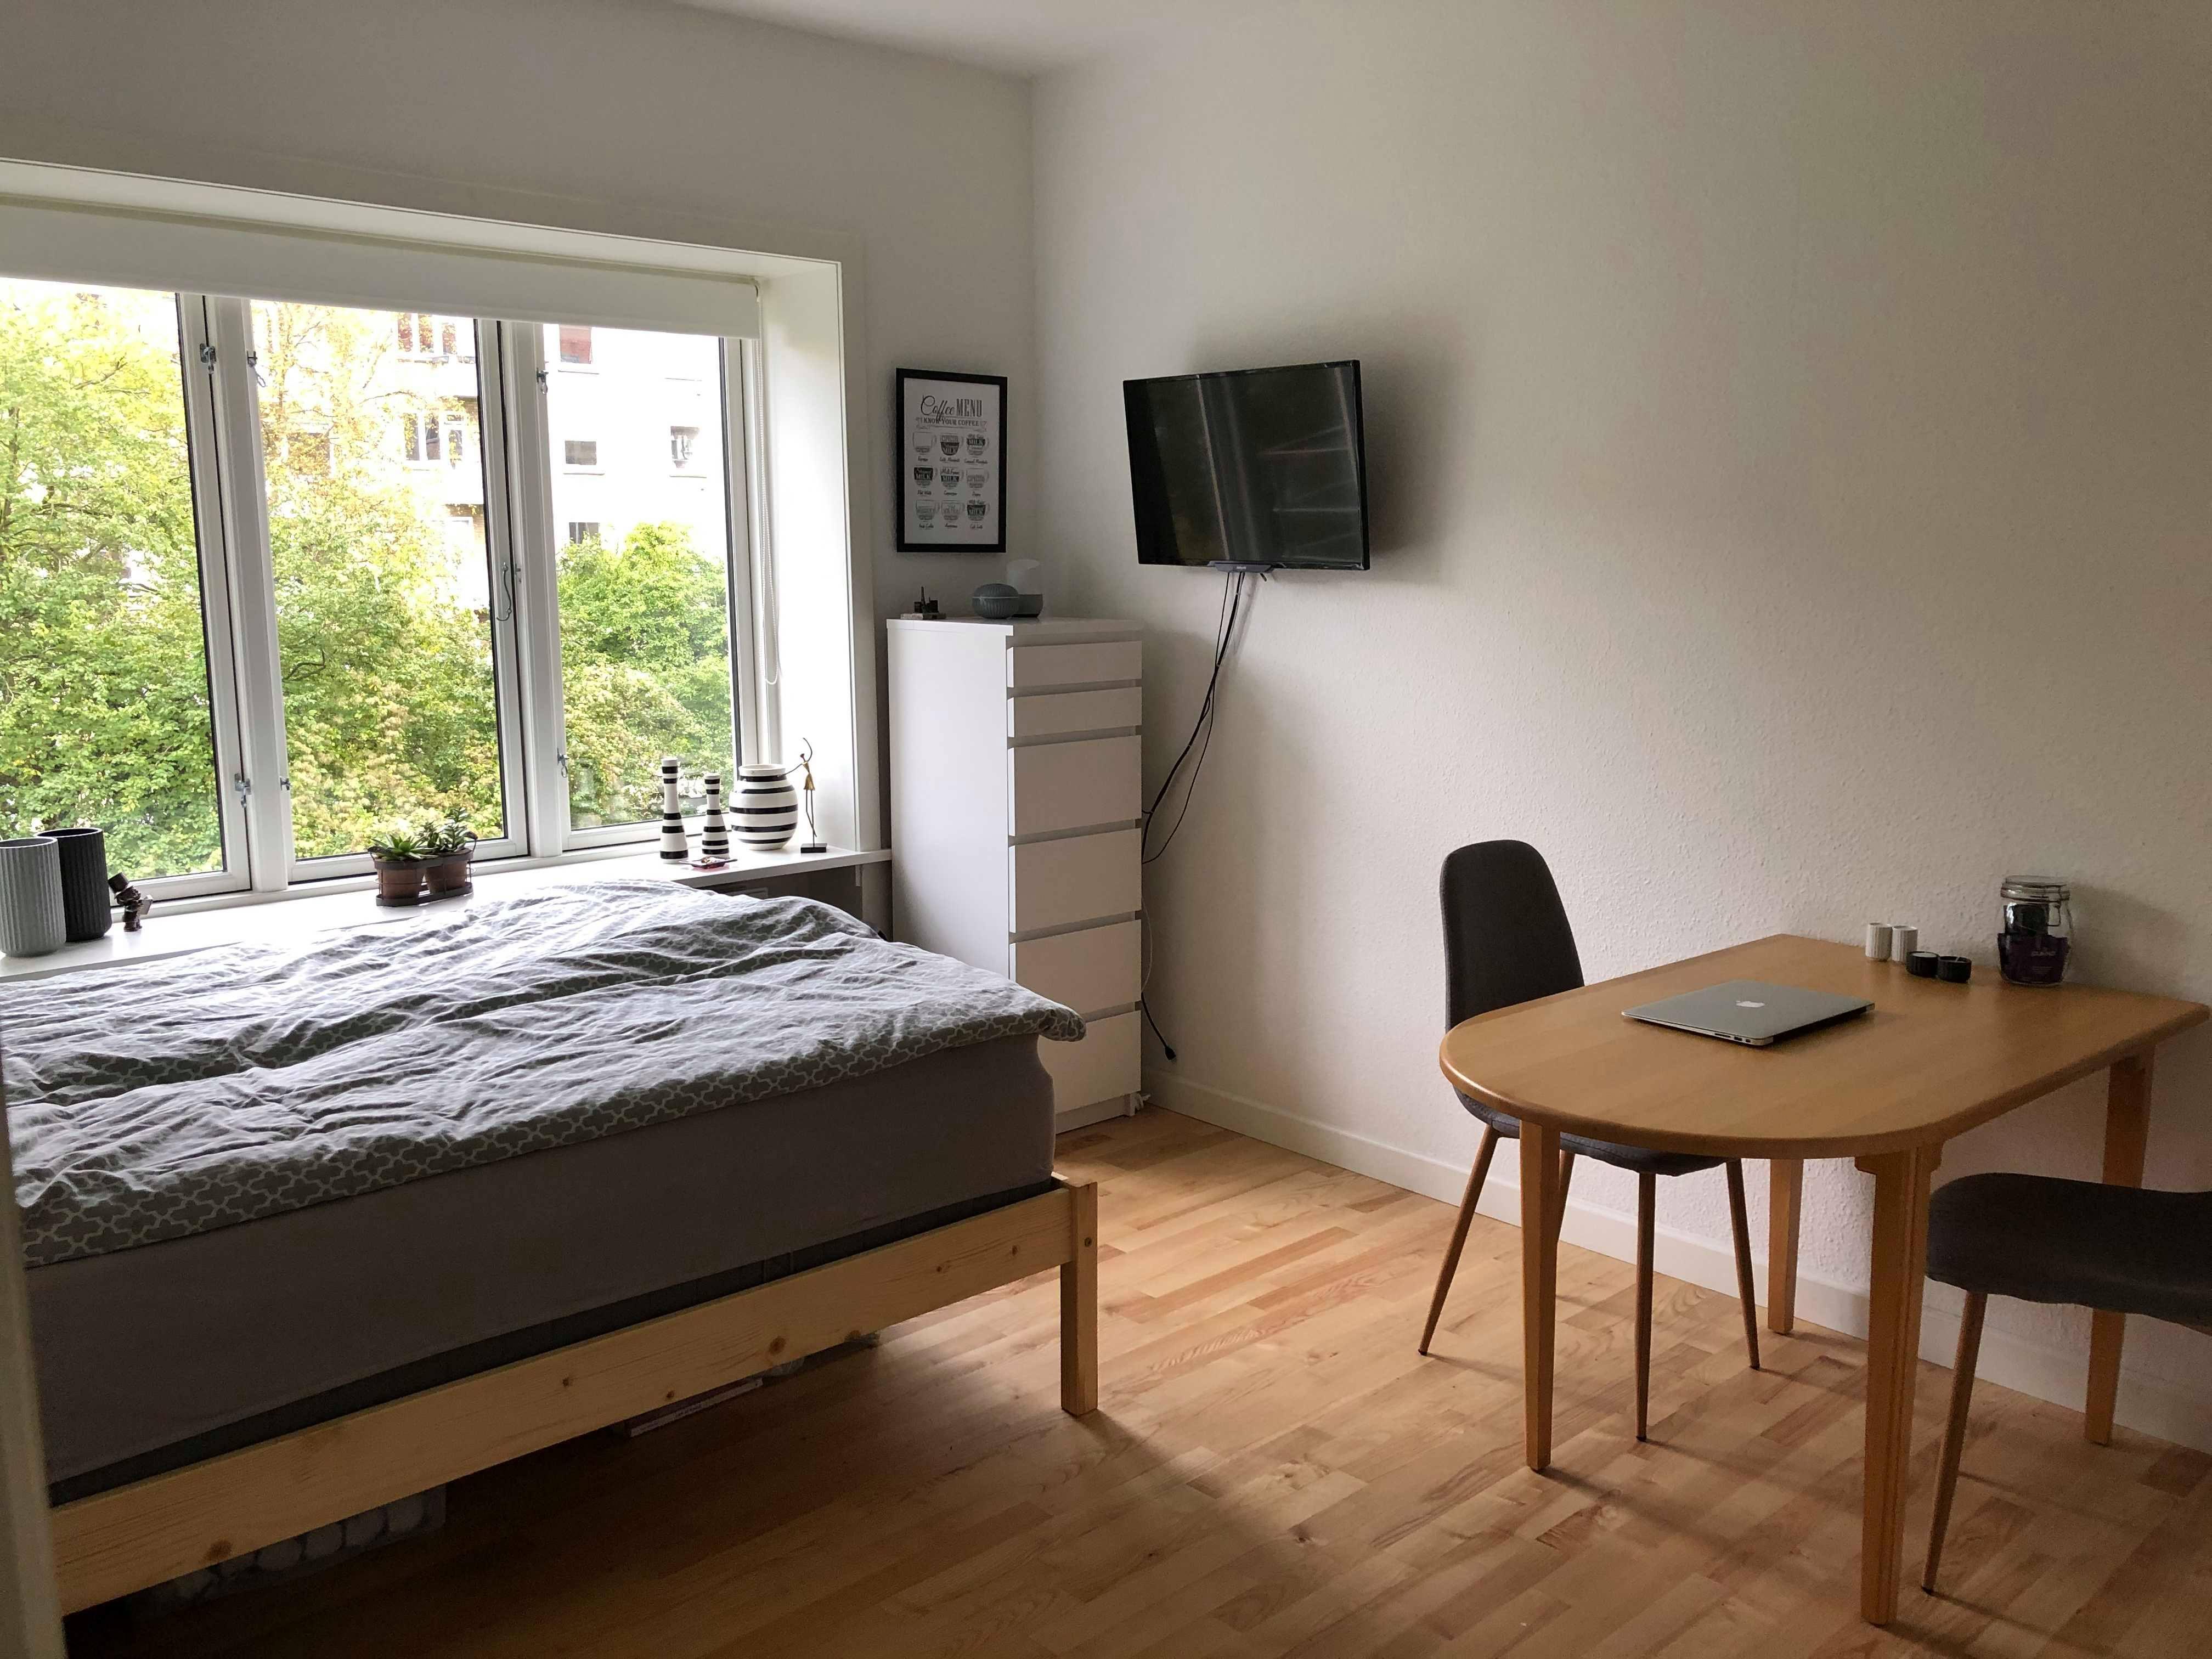 Lyst værelse på 15 m2 ledigt